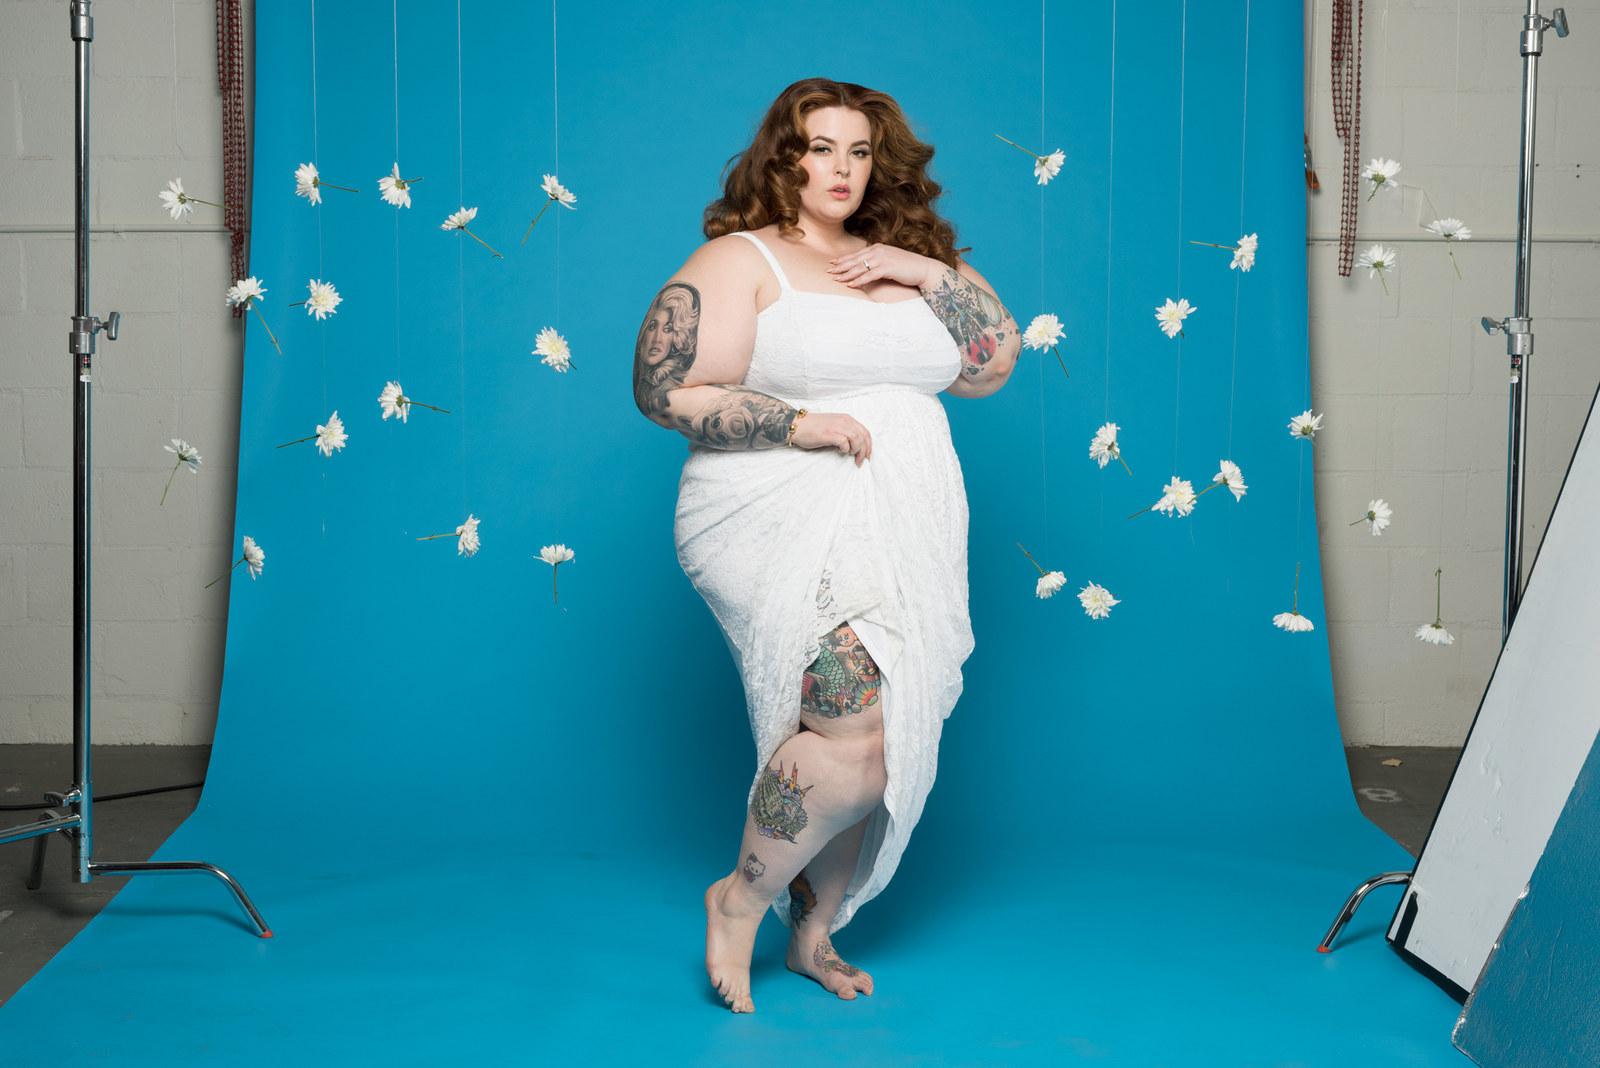 Fotografia kolorowa. Na niebieskim tle, wśród zaiedzonych białych piórek, stoi modelka o pełnych kształtach. Ubrana jest w białą sukienkę na ramiączkach. Ma długie brązowe włosy, zakręcone w fale. Jedną rękę trzyma na brzuchu, a drugą na klatce piersiowej. Na ramionach i nogach widać liczne tatuaże.